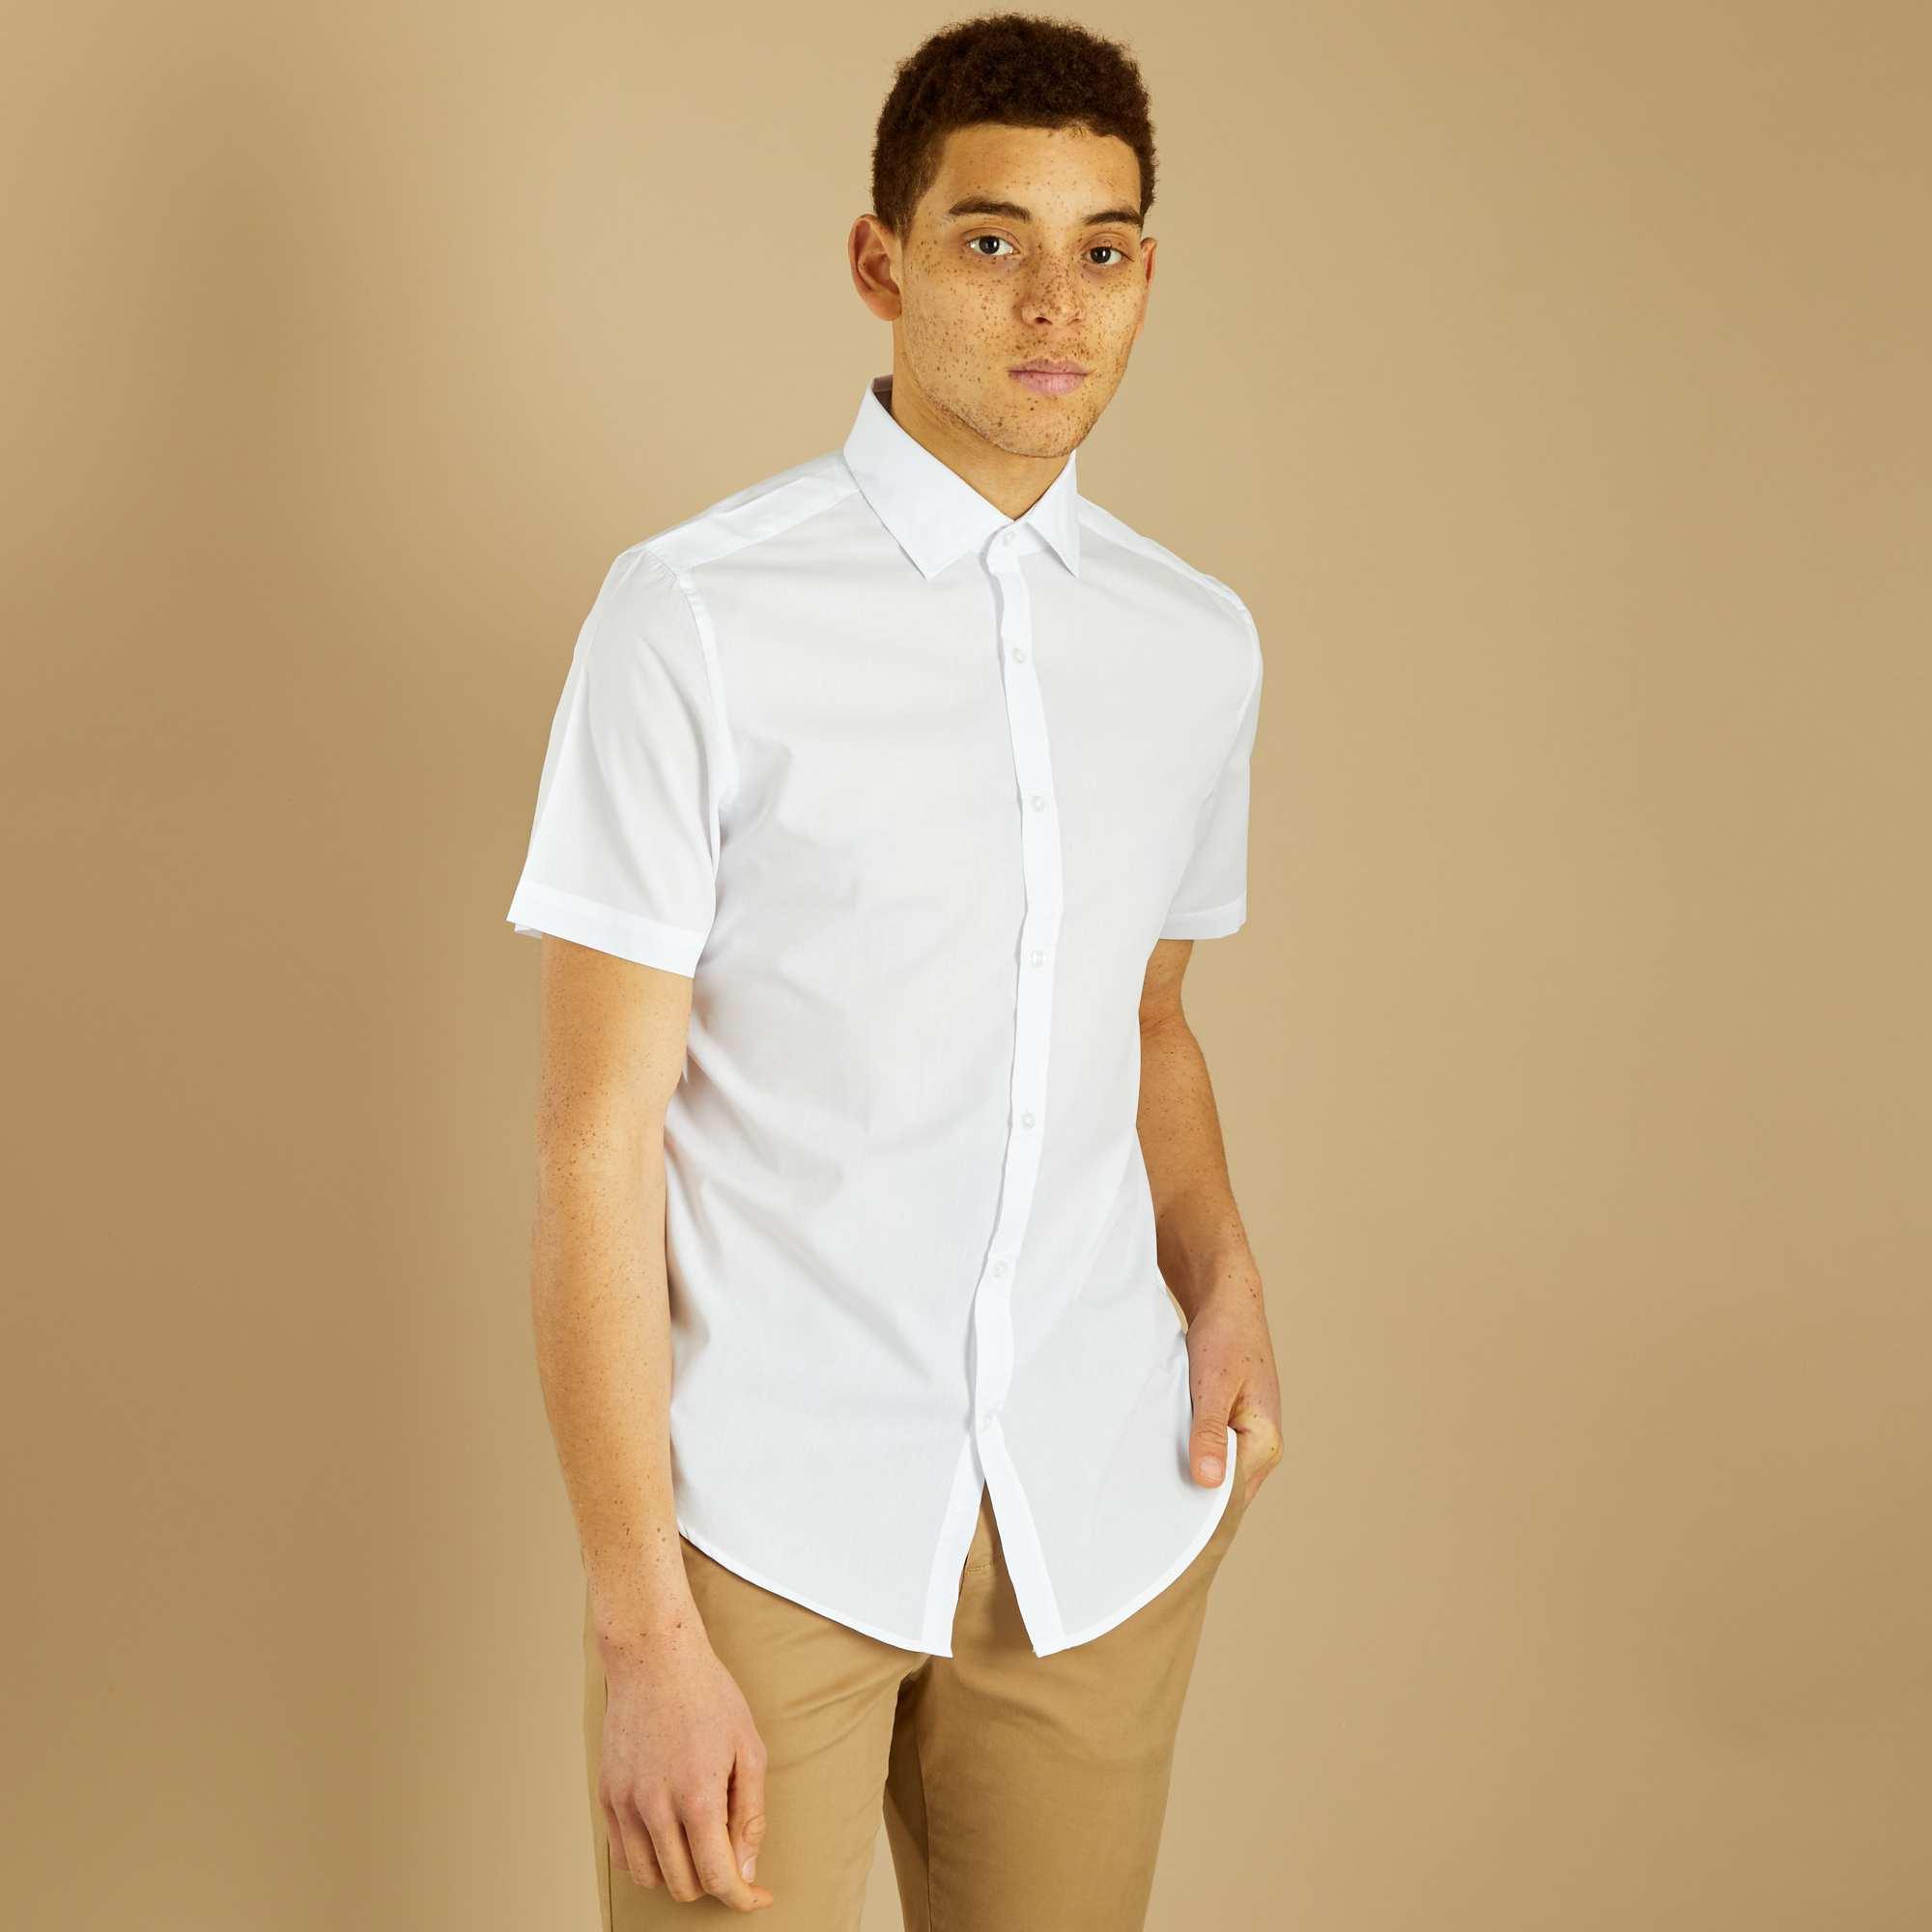 Couleur : blanc, , ,, - Taille : 45/46, 43/44, 41/42,39/40,Un look impeccable et à petit prix ! - Chemise en polyester et coton - Regular fit /